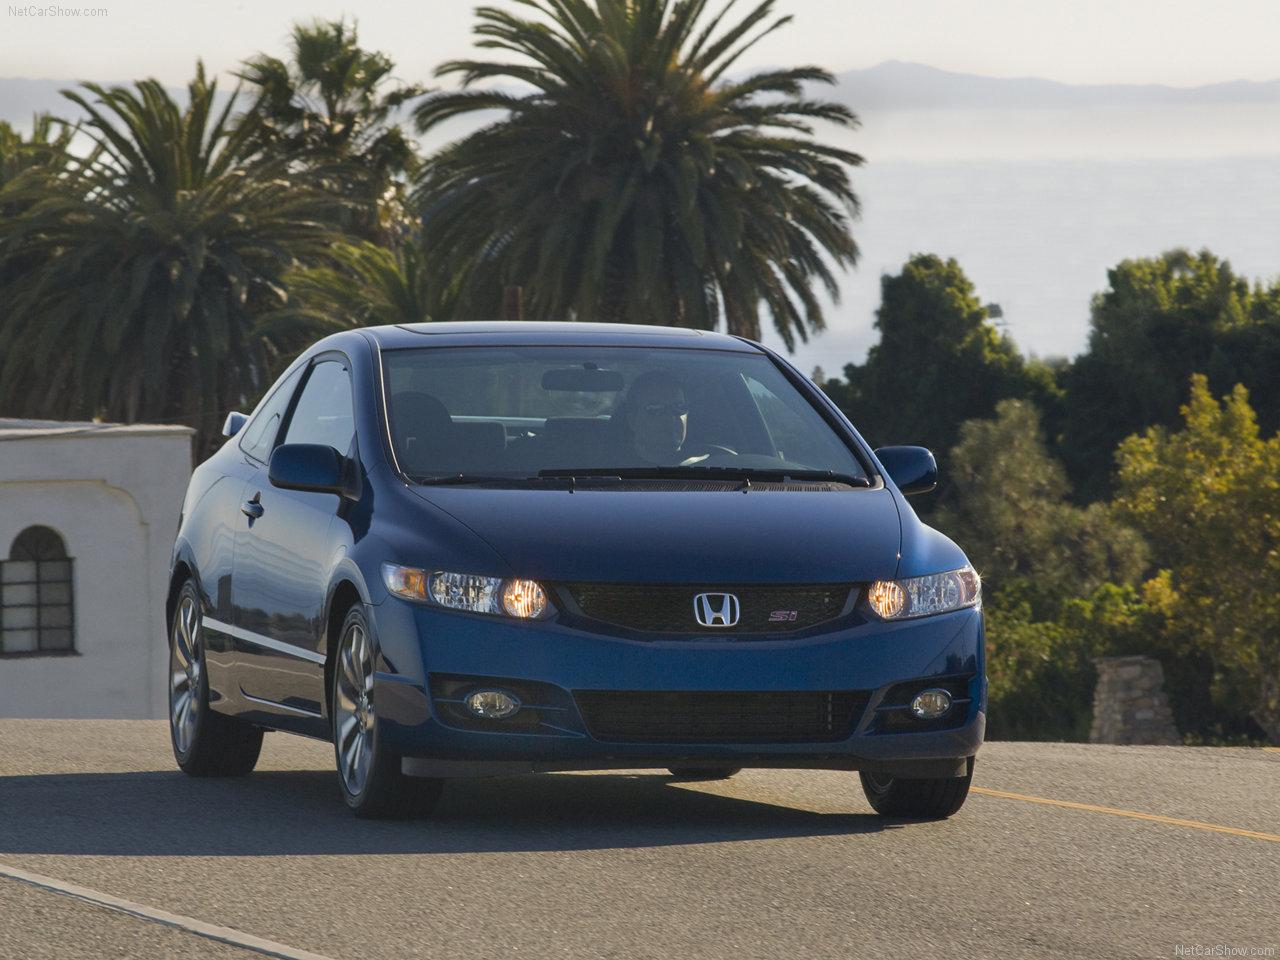 http://2.bp.blogspot.com/-V2UuNEVZcnE/TYoLI1FezEI/AAAAAAAADCQ/5Dt4HfJEQc8/s1600/Honda-Civic_Si_Coupe_2009_1280x960_wallpaper_02.jpg